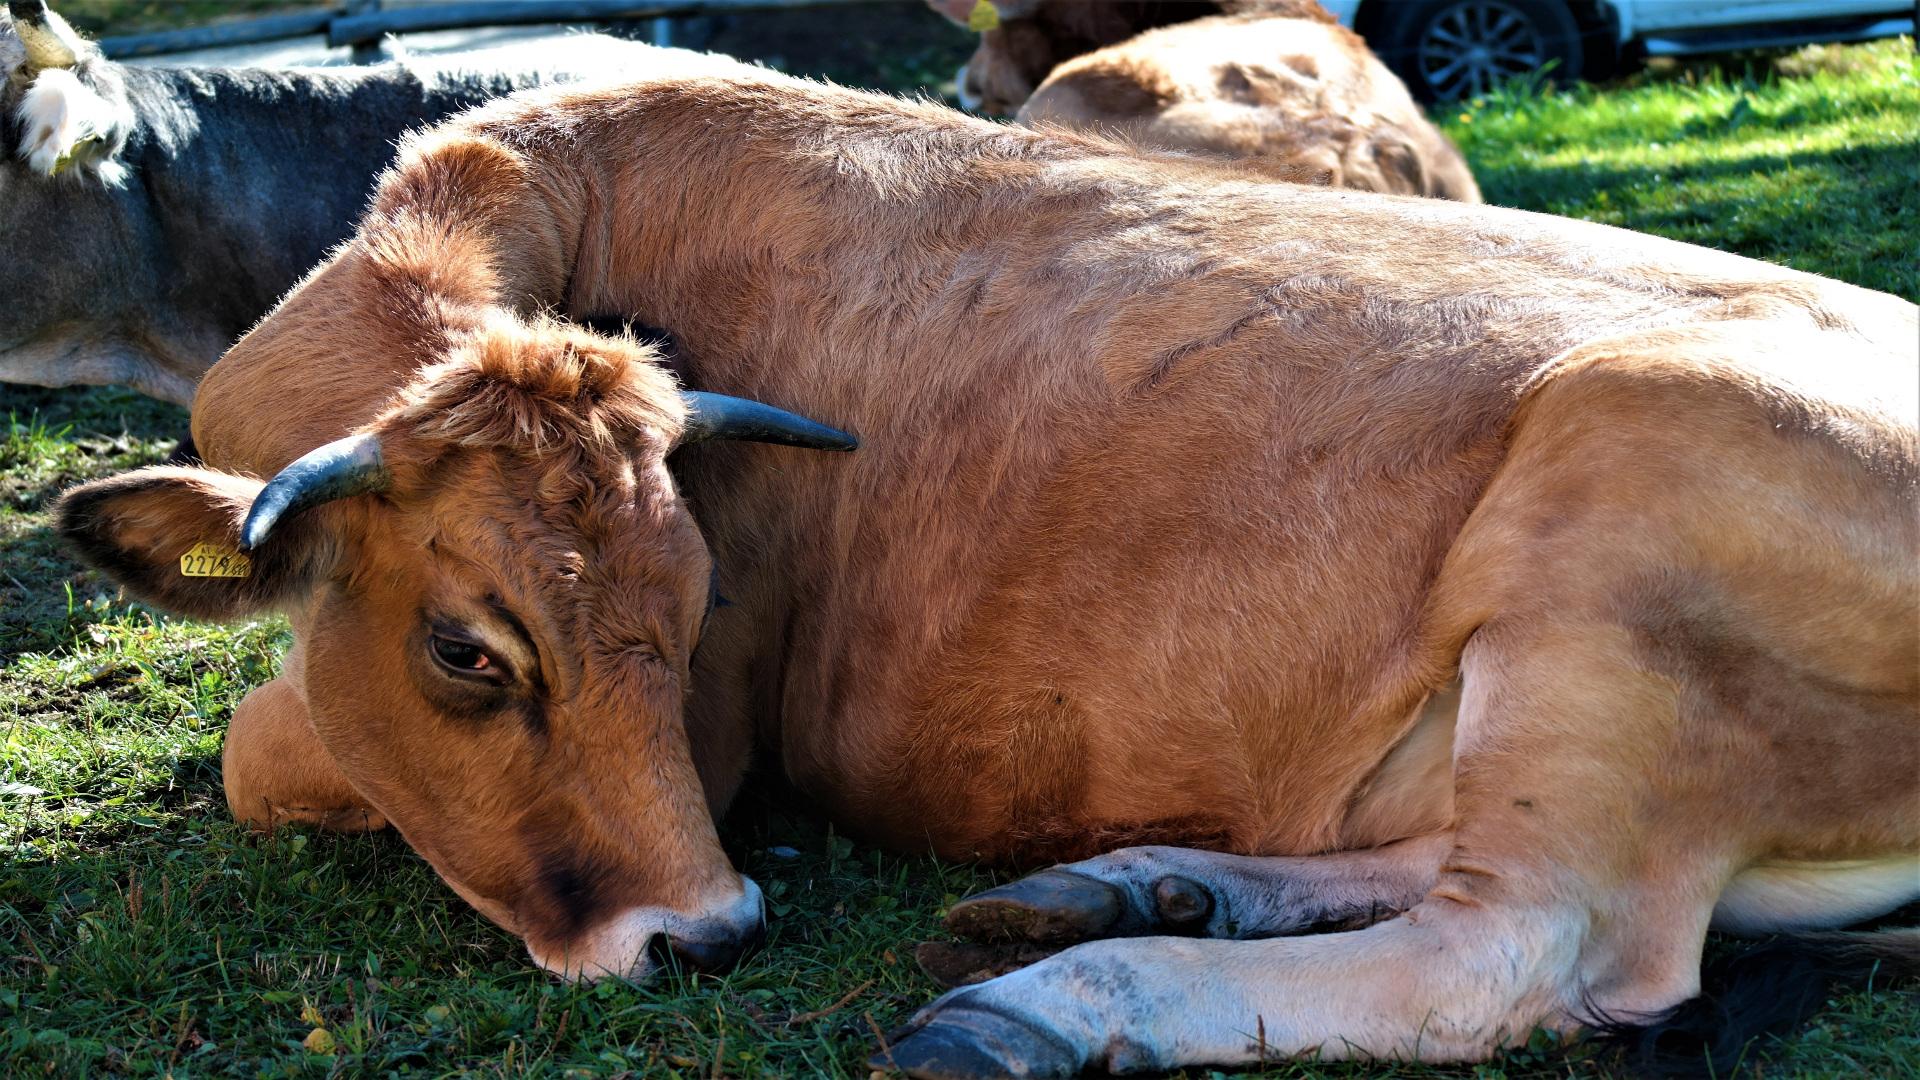 las vacas preñadas.1920